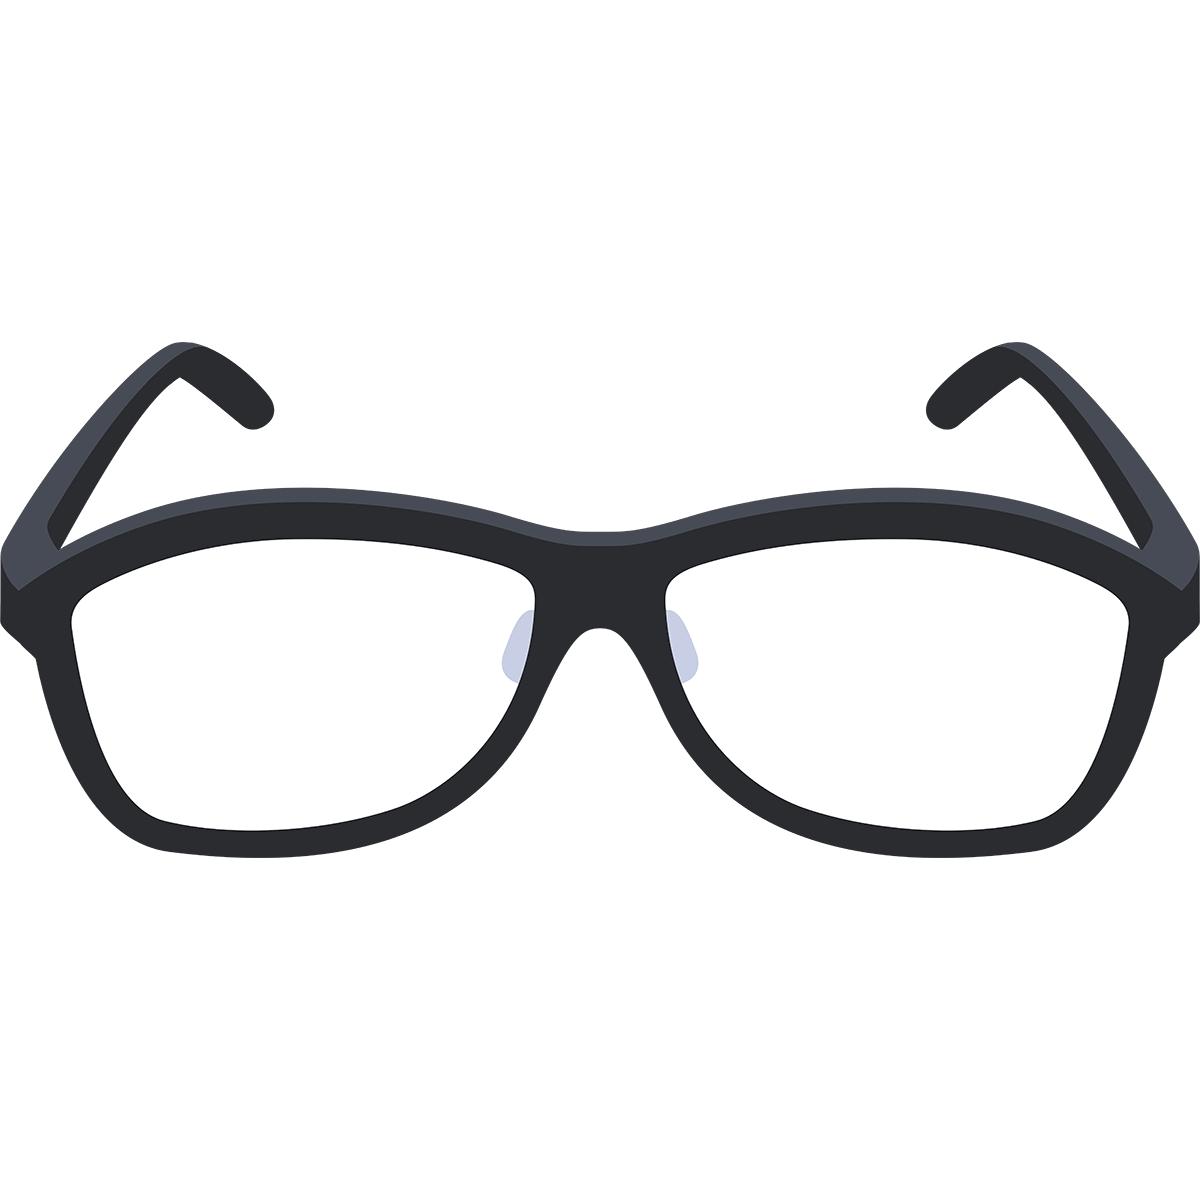 黒いメガネの無料イラスト